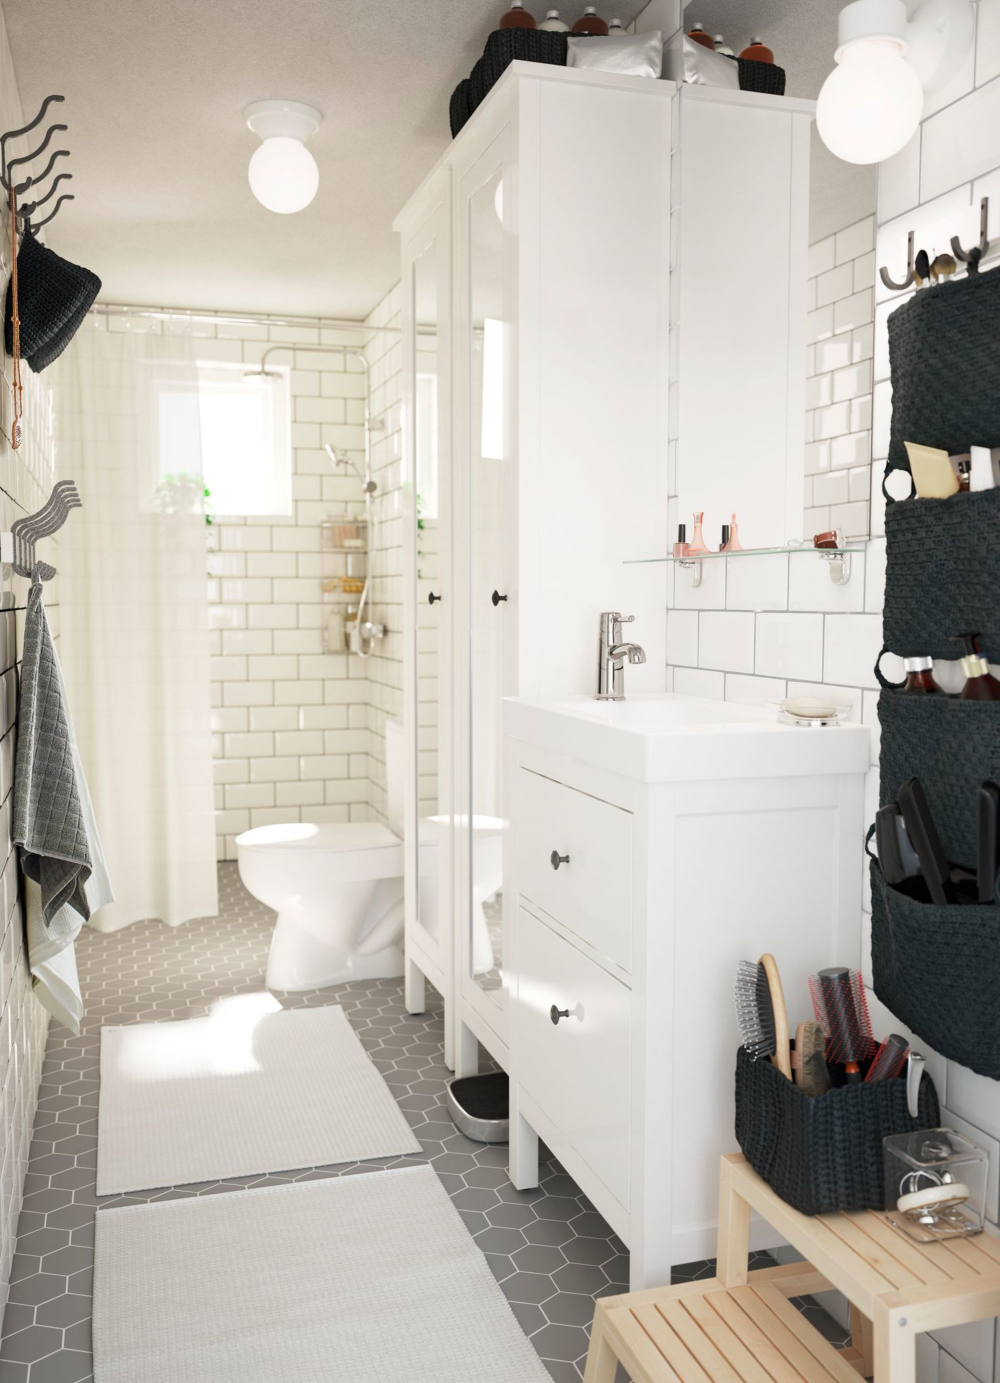 Salle de bain en longueur : conseils aménagement et déco en 19